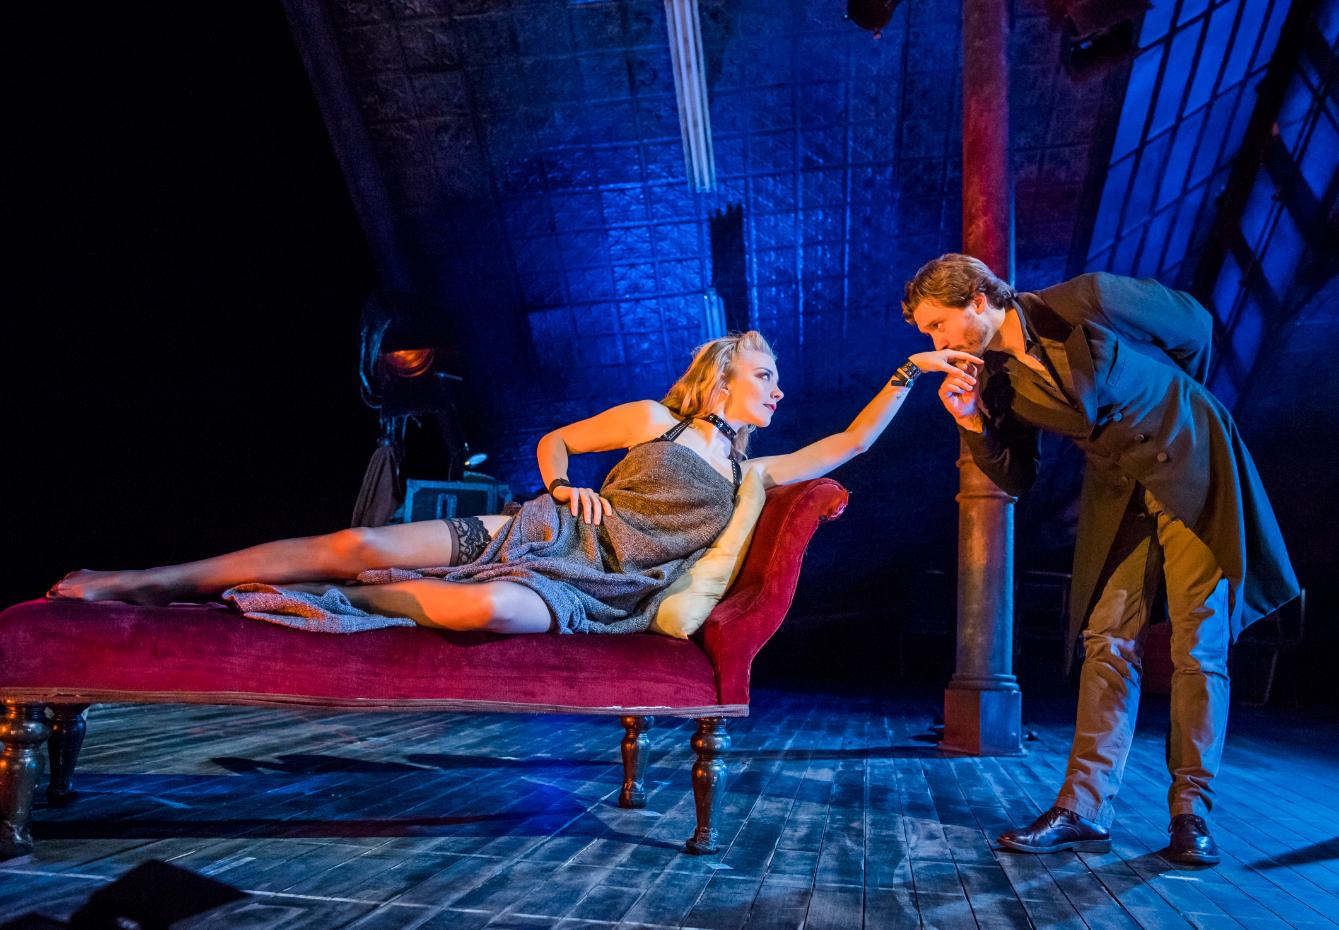 Natalie-Dormer-and-David-Oakes-in-Venus-in-Fur-at-Theatre-Royal-Haymarket.-Credit-Tristram-Kenton.jpg